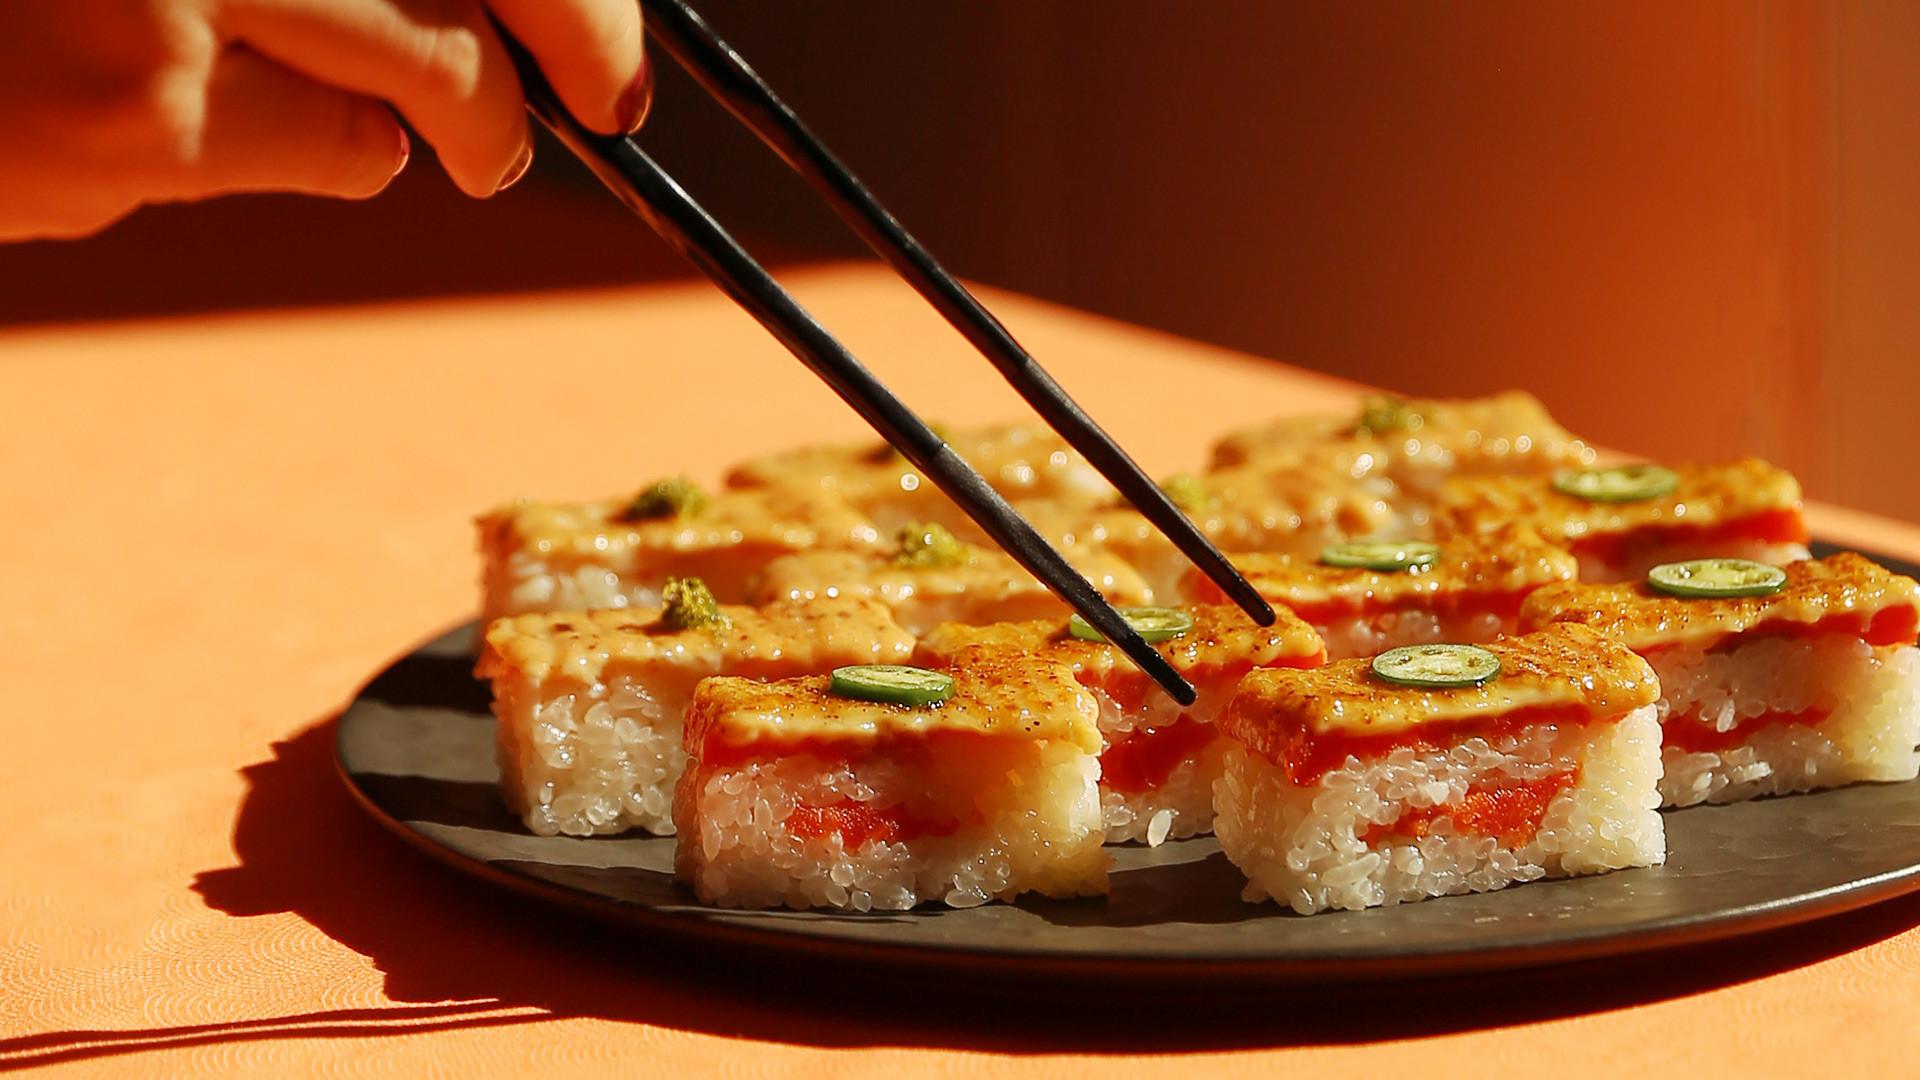 Things to do in Toronto this February | Salmon oshi at Minami Toronto